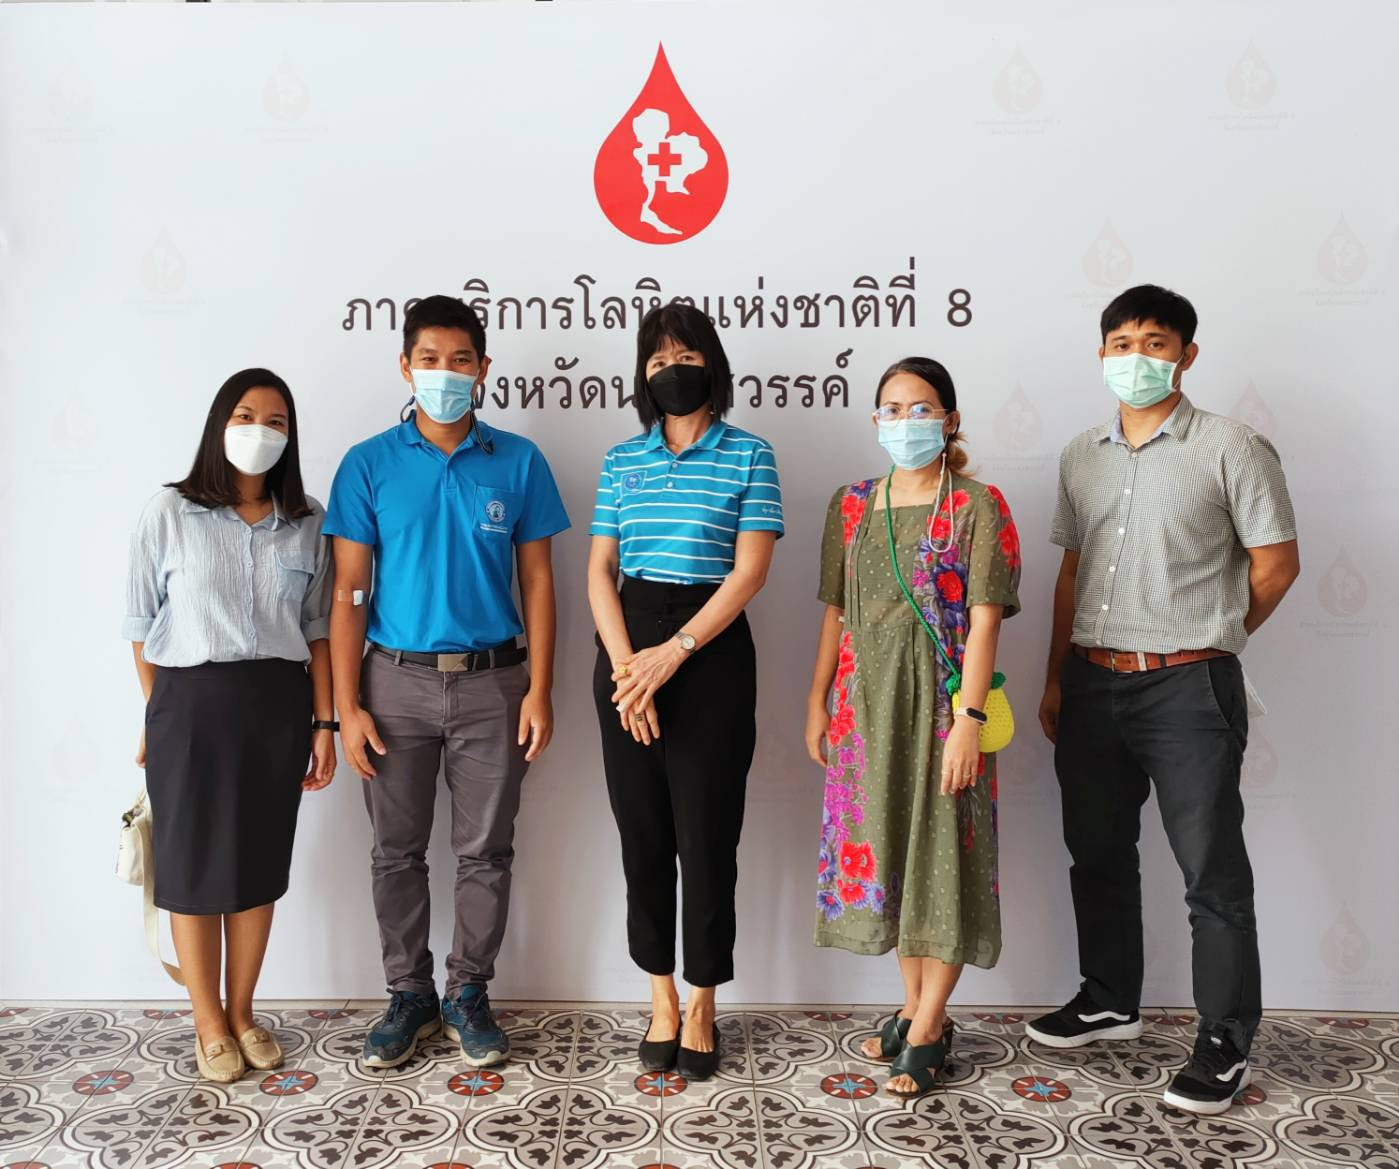 """กปภ.เขต 10 ร่วมโครงการ """"Be The 1 Thailand : ทุกคนเป็นที่หนึ่งได้ ด้วยการบริจาคโลหิต"""" มุ่งแก้ไขปัญหาขาดแคลนโลหิต ช่วงระบาดโควิด-19"""